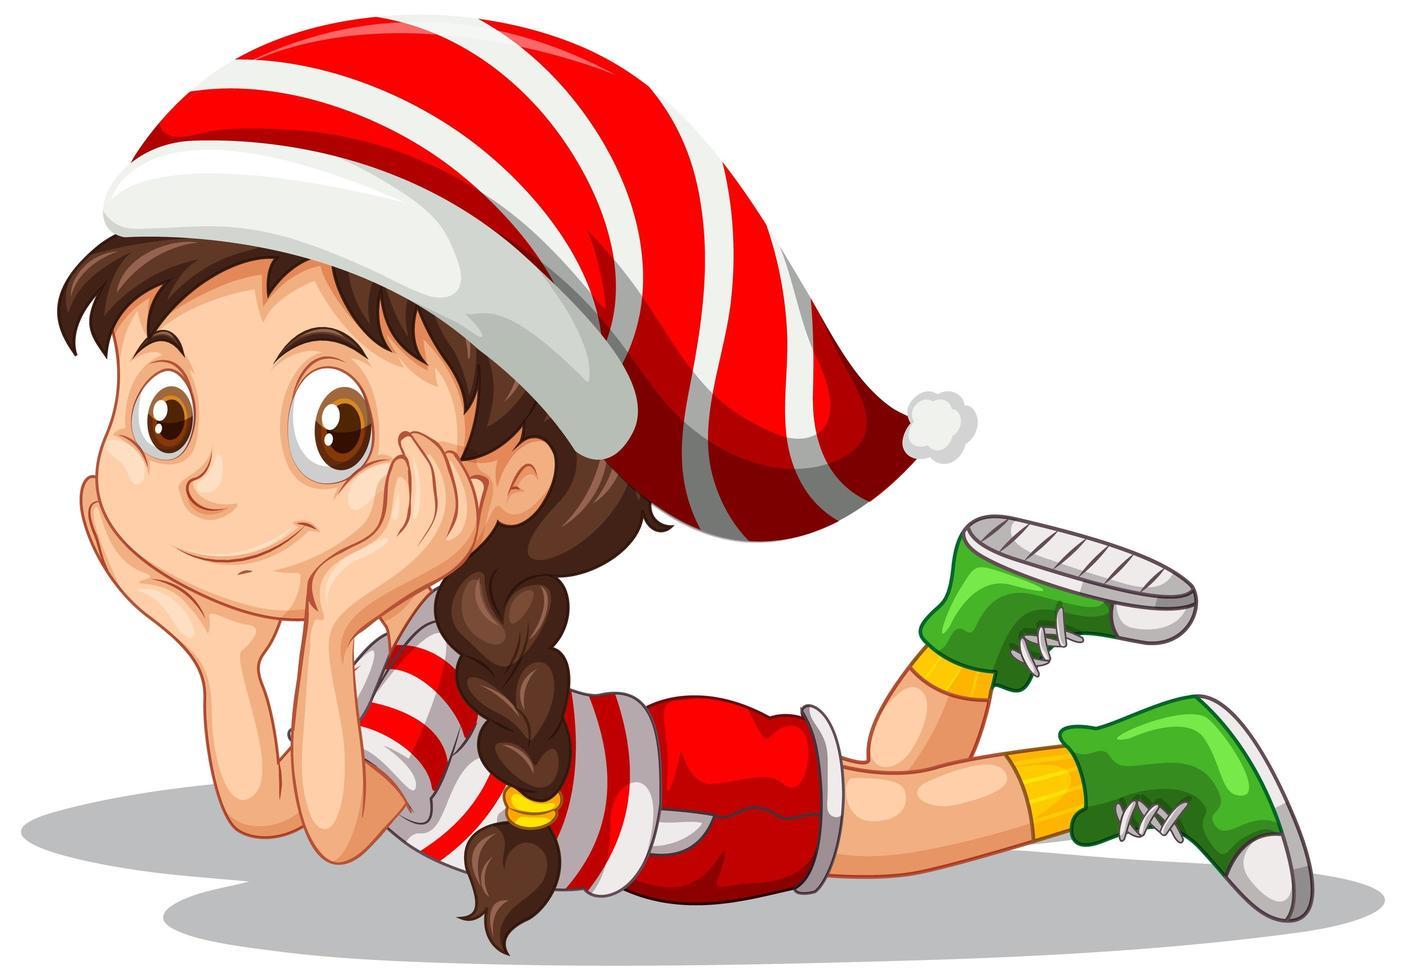 linda chica en traje de navidad personaje de dibujos animados vector